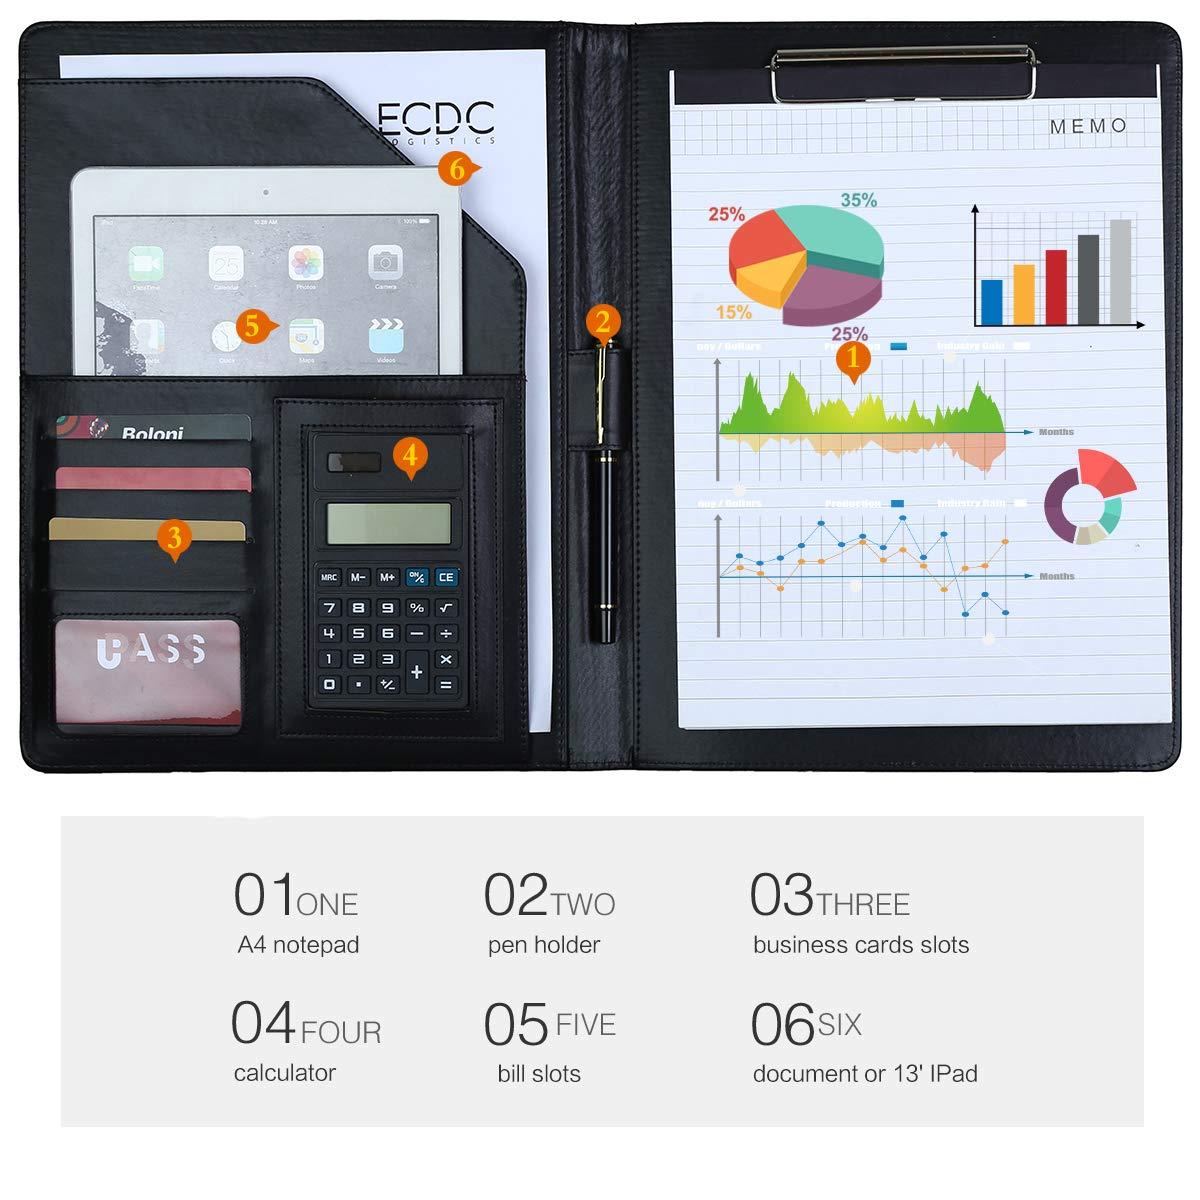 Leathario Cartella Portadocumenti A4 in Ecopelle Unisex Portablocchi Organizer per Blocco Note Quaderno A4 Lavoro con Calcolatrice Organizzatore Personale